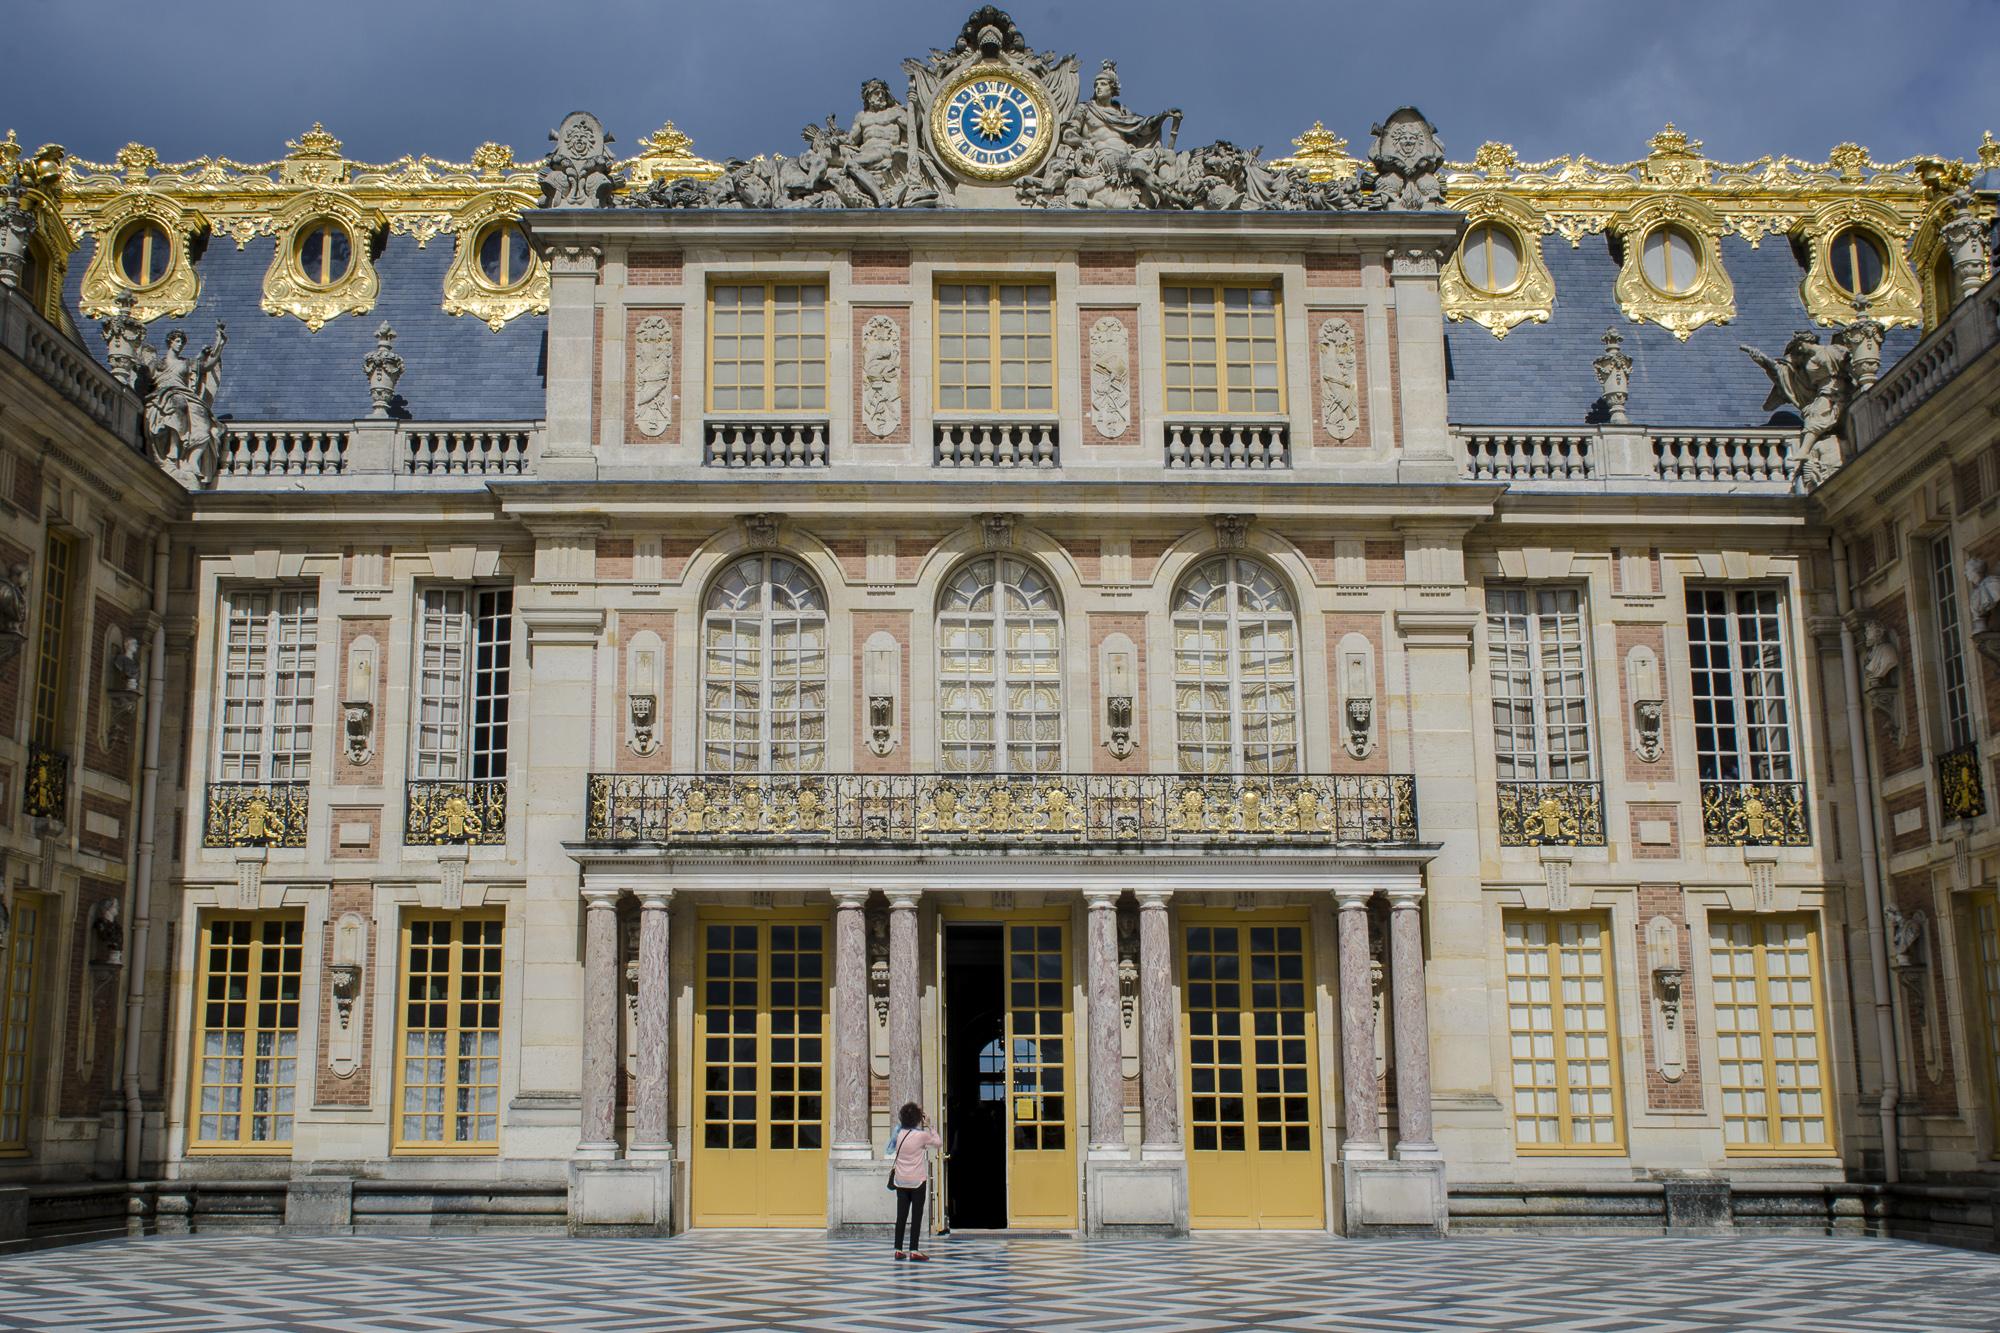 Cour de marbre  PHOTOGRAPHY: ALEXANDER J.E. BRADLEY • NIKON D7000 • AF-S NIKKOR 24-70mm f/2.8G ED @ 24mm • Ƒ/14 • 1/125• ISO 100